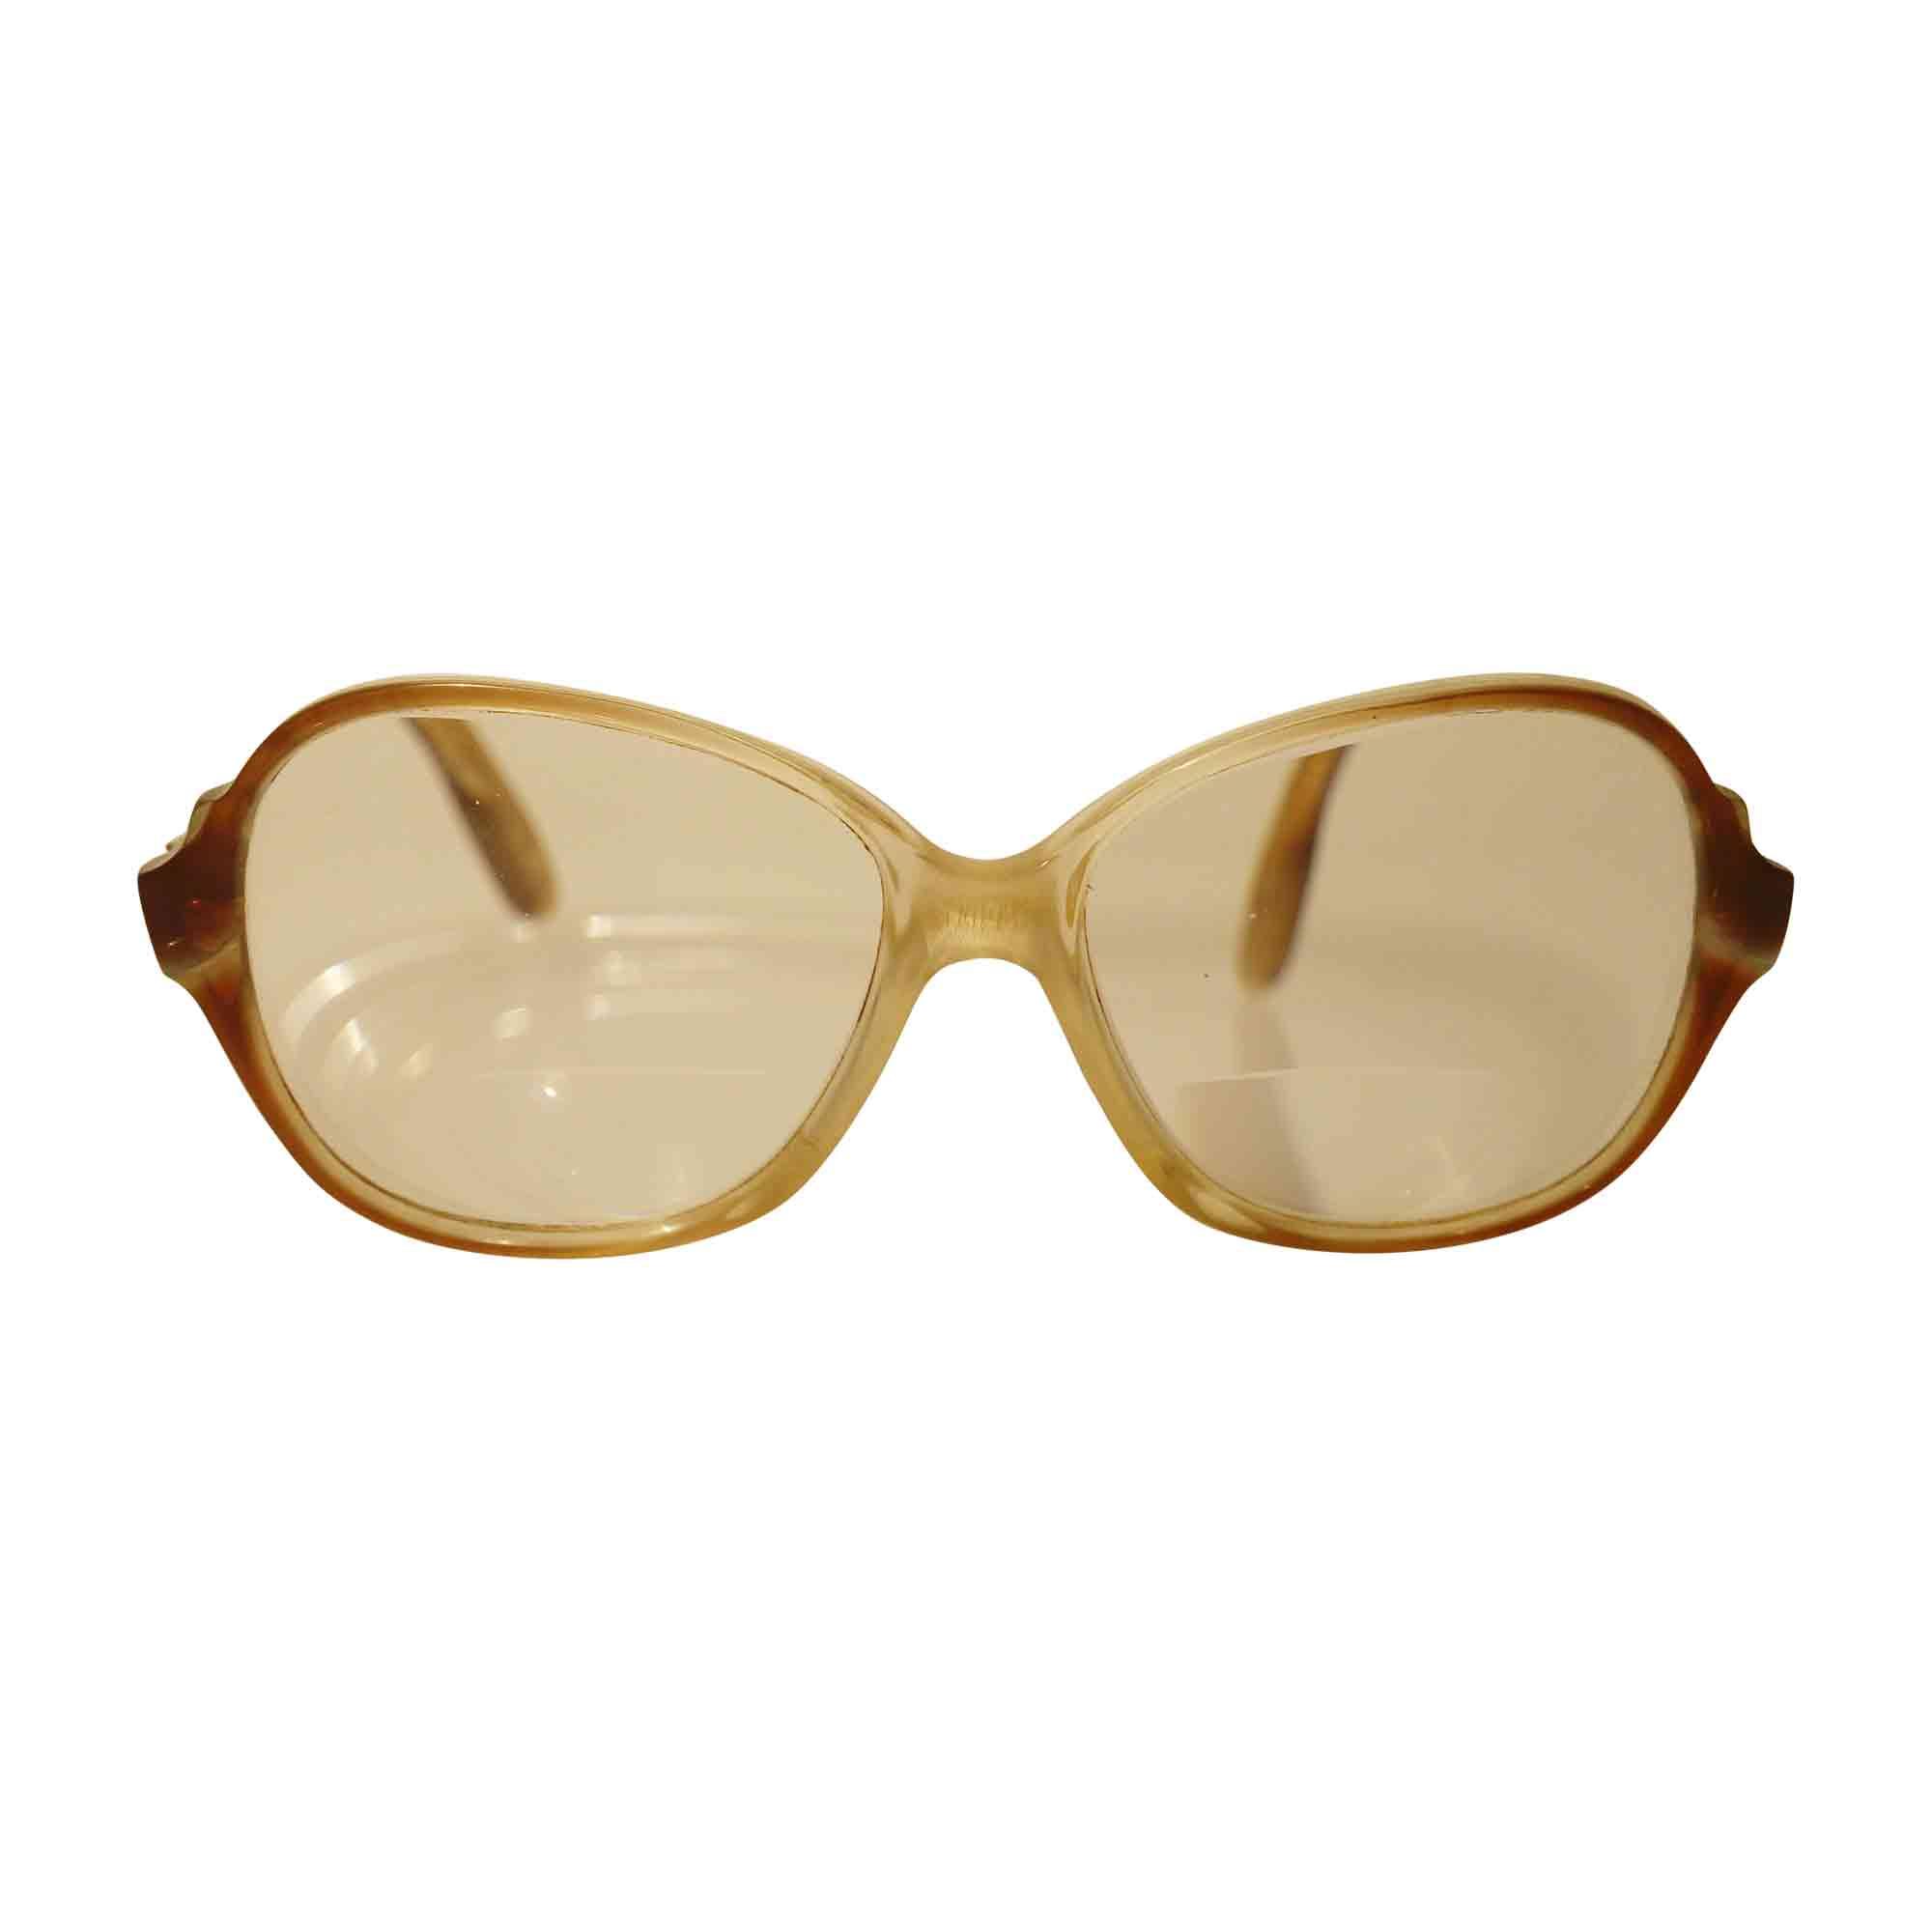 monture de lunettes yves saint laurent transparent 5420321. Black Bedroom Furniture Sets. Home Design Ideas